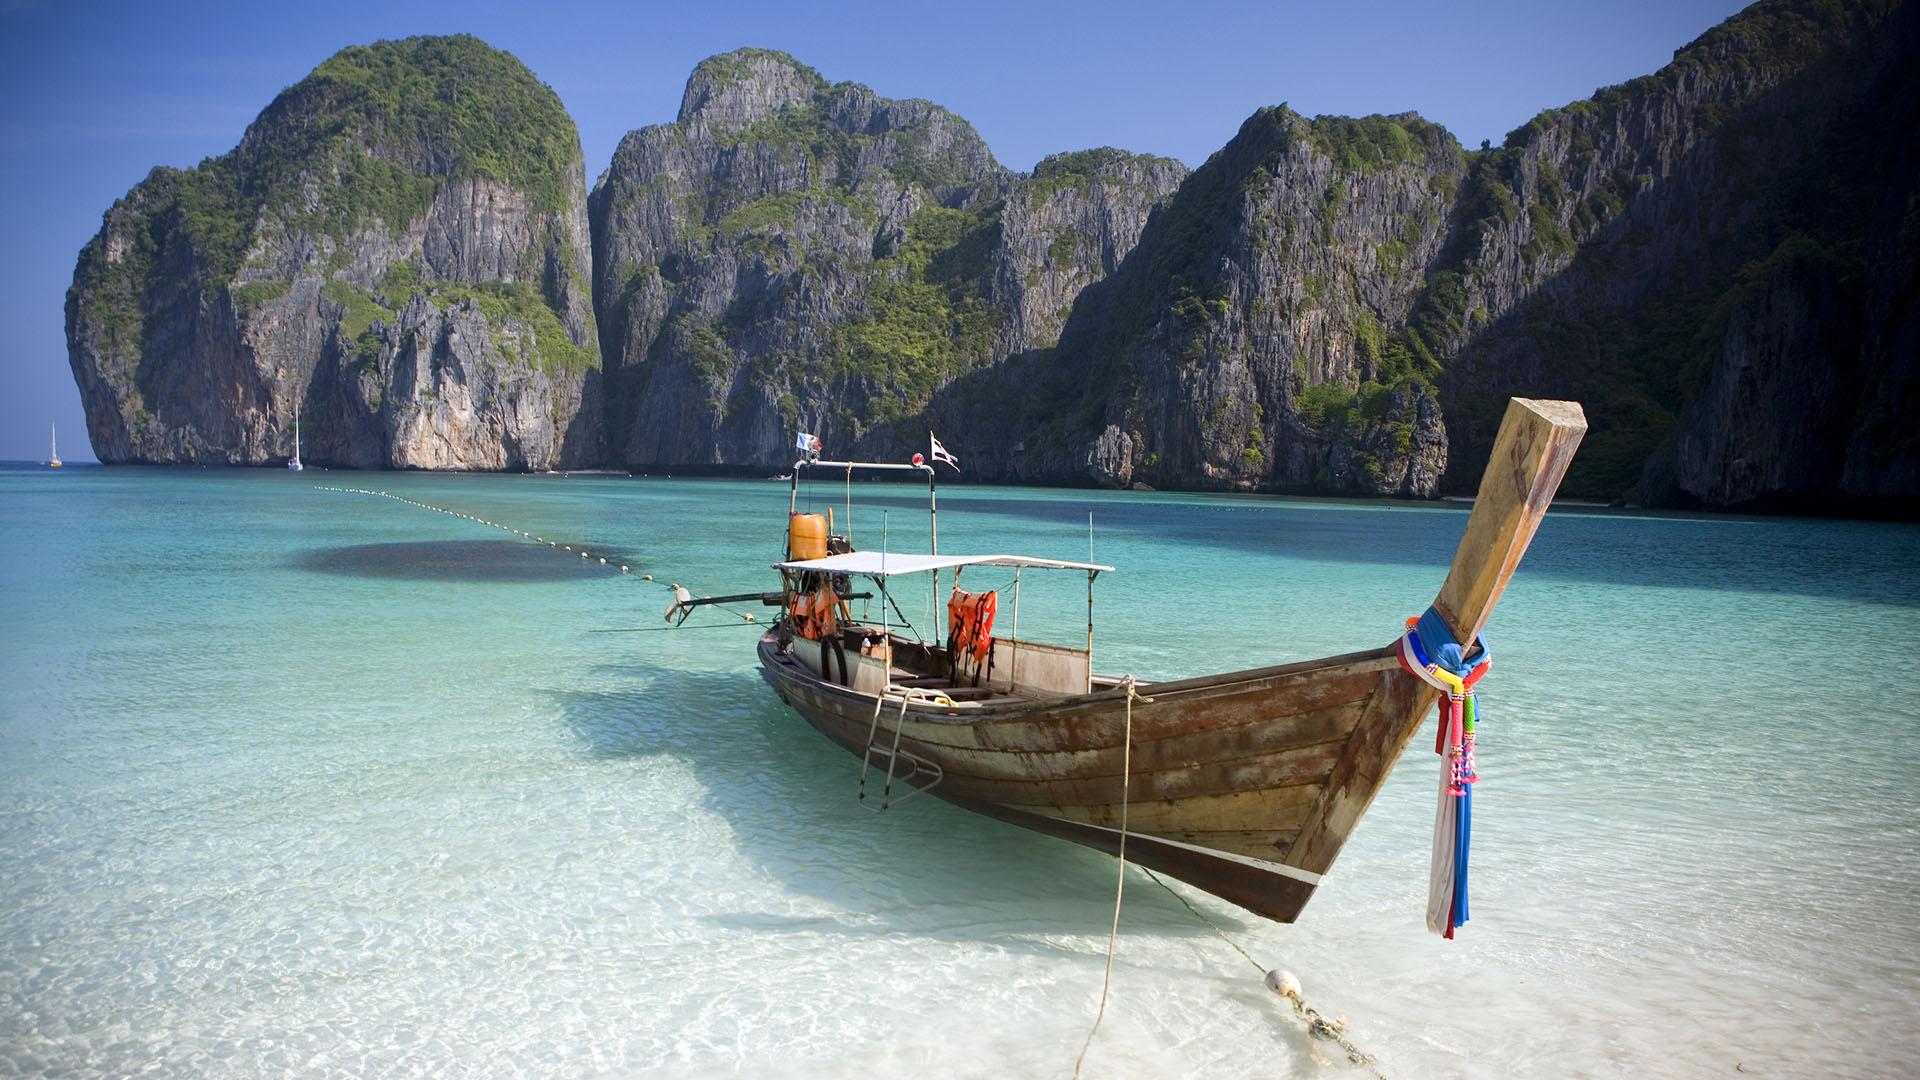 Debido a la popularidad de la película protagonizada por Leonardo Di Caprio, el turismo masivo fue una de las grandes preocupaciones de este paraíso idílico. (Getty Images)